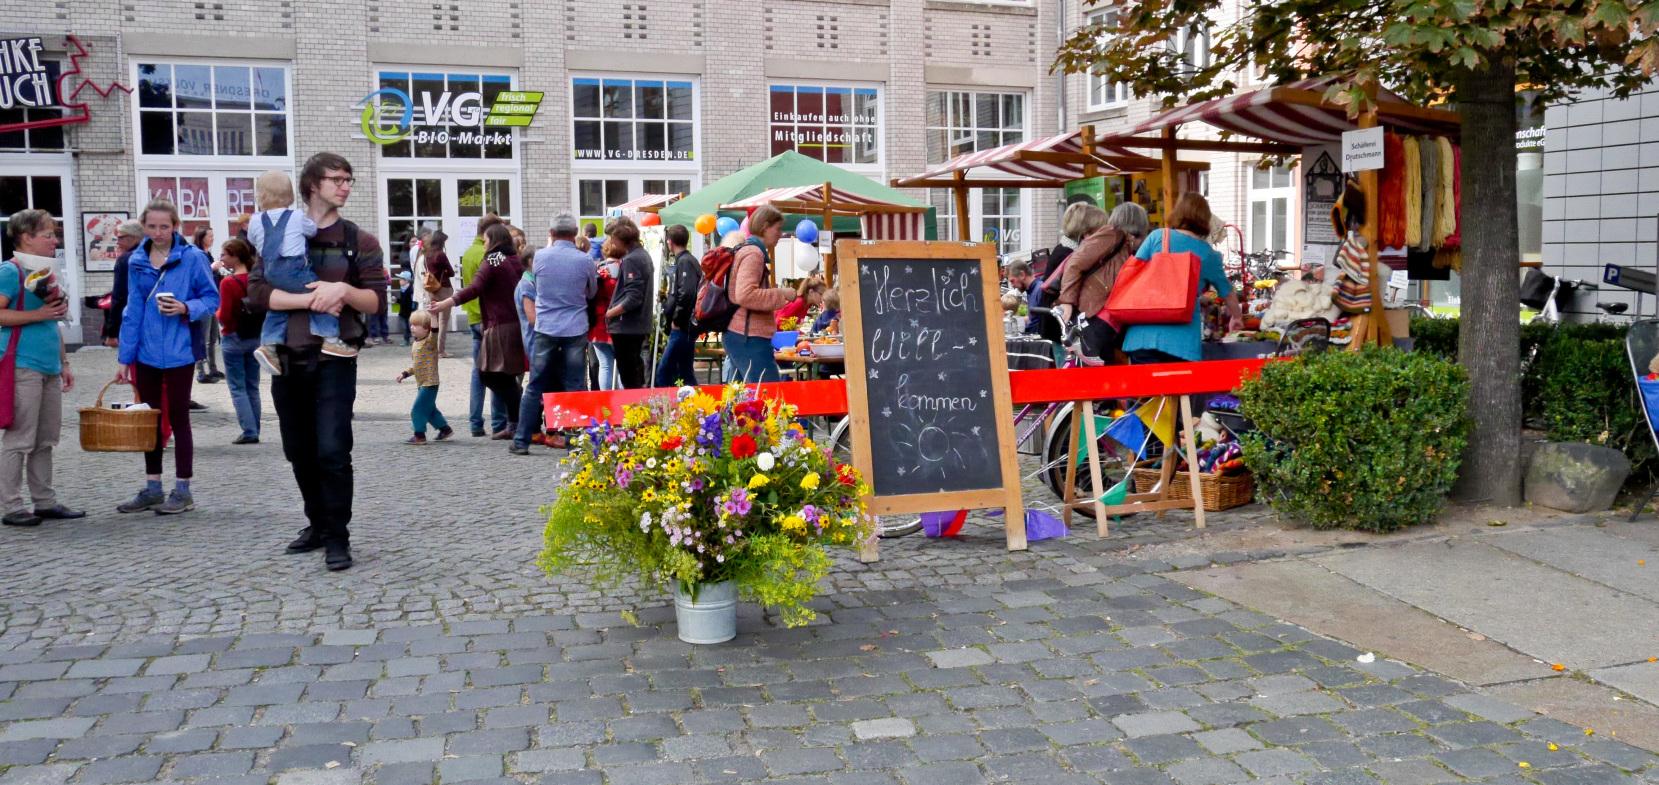 Utopie des Monats: Die Verbrauchergemeinschaft Dresden